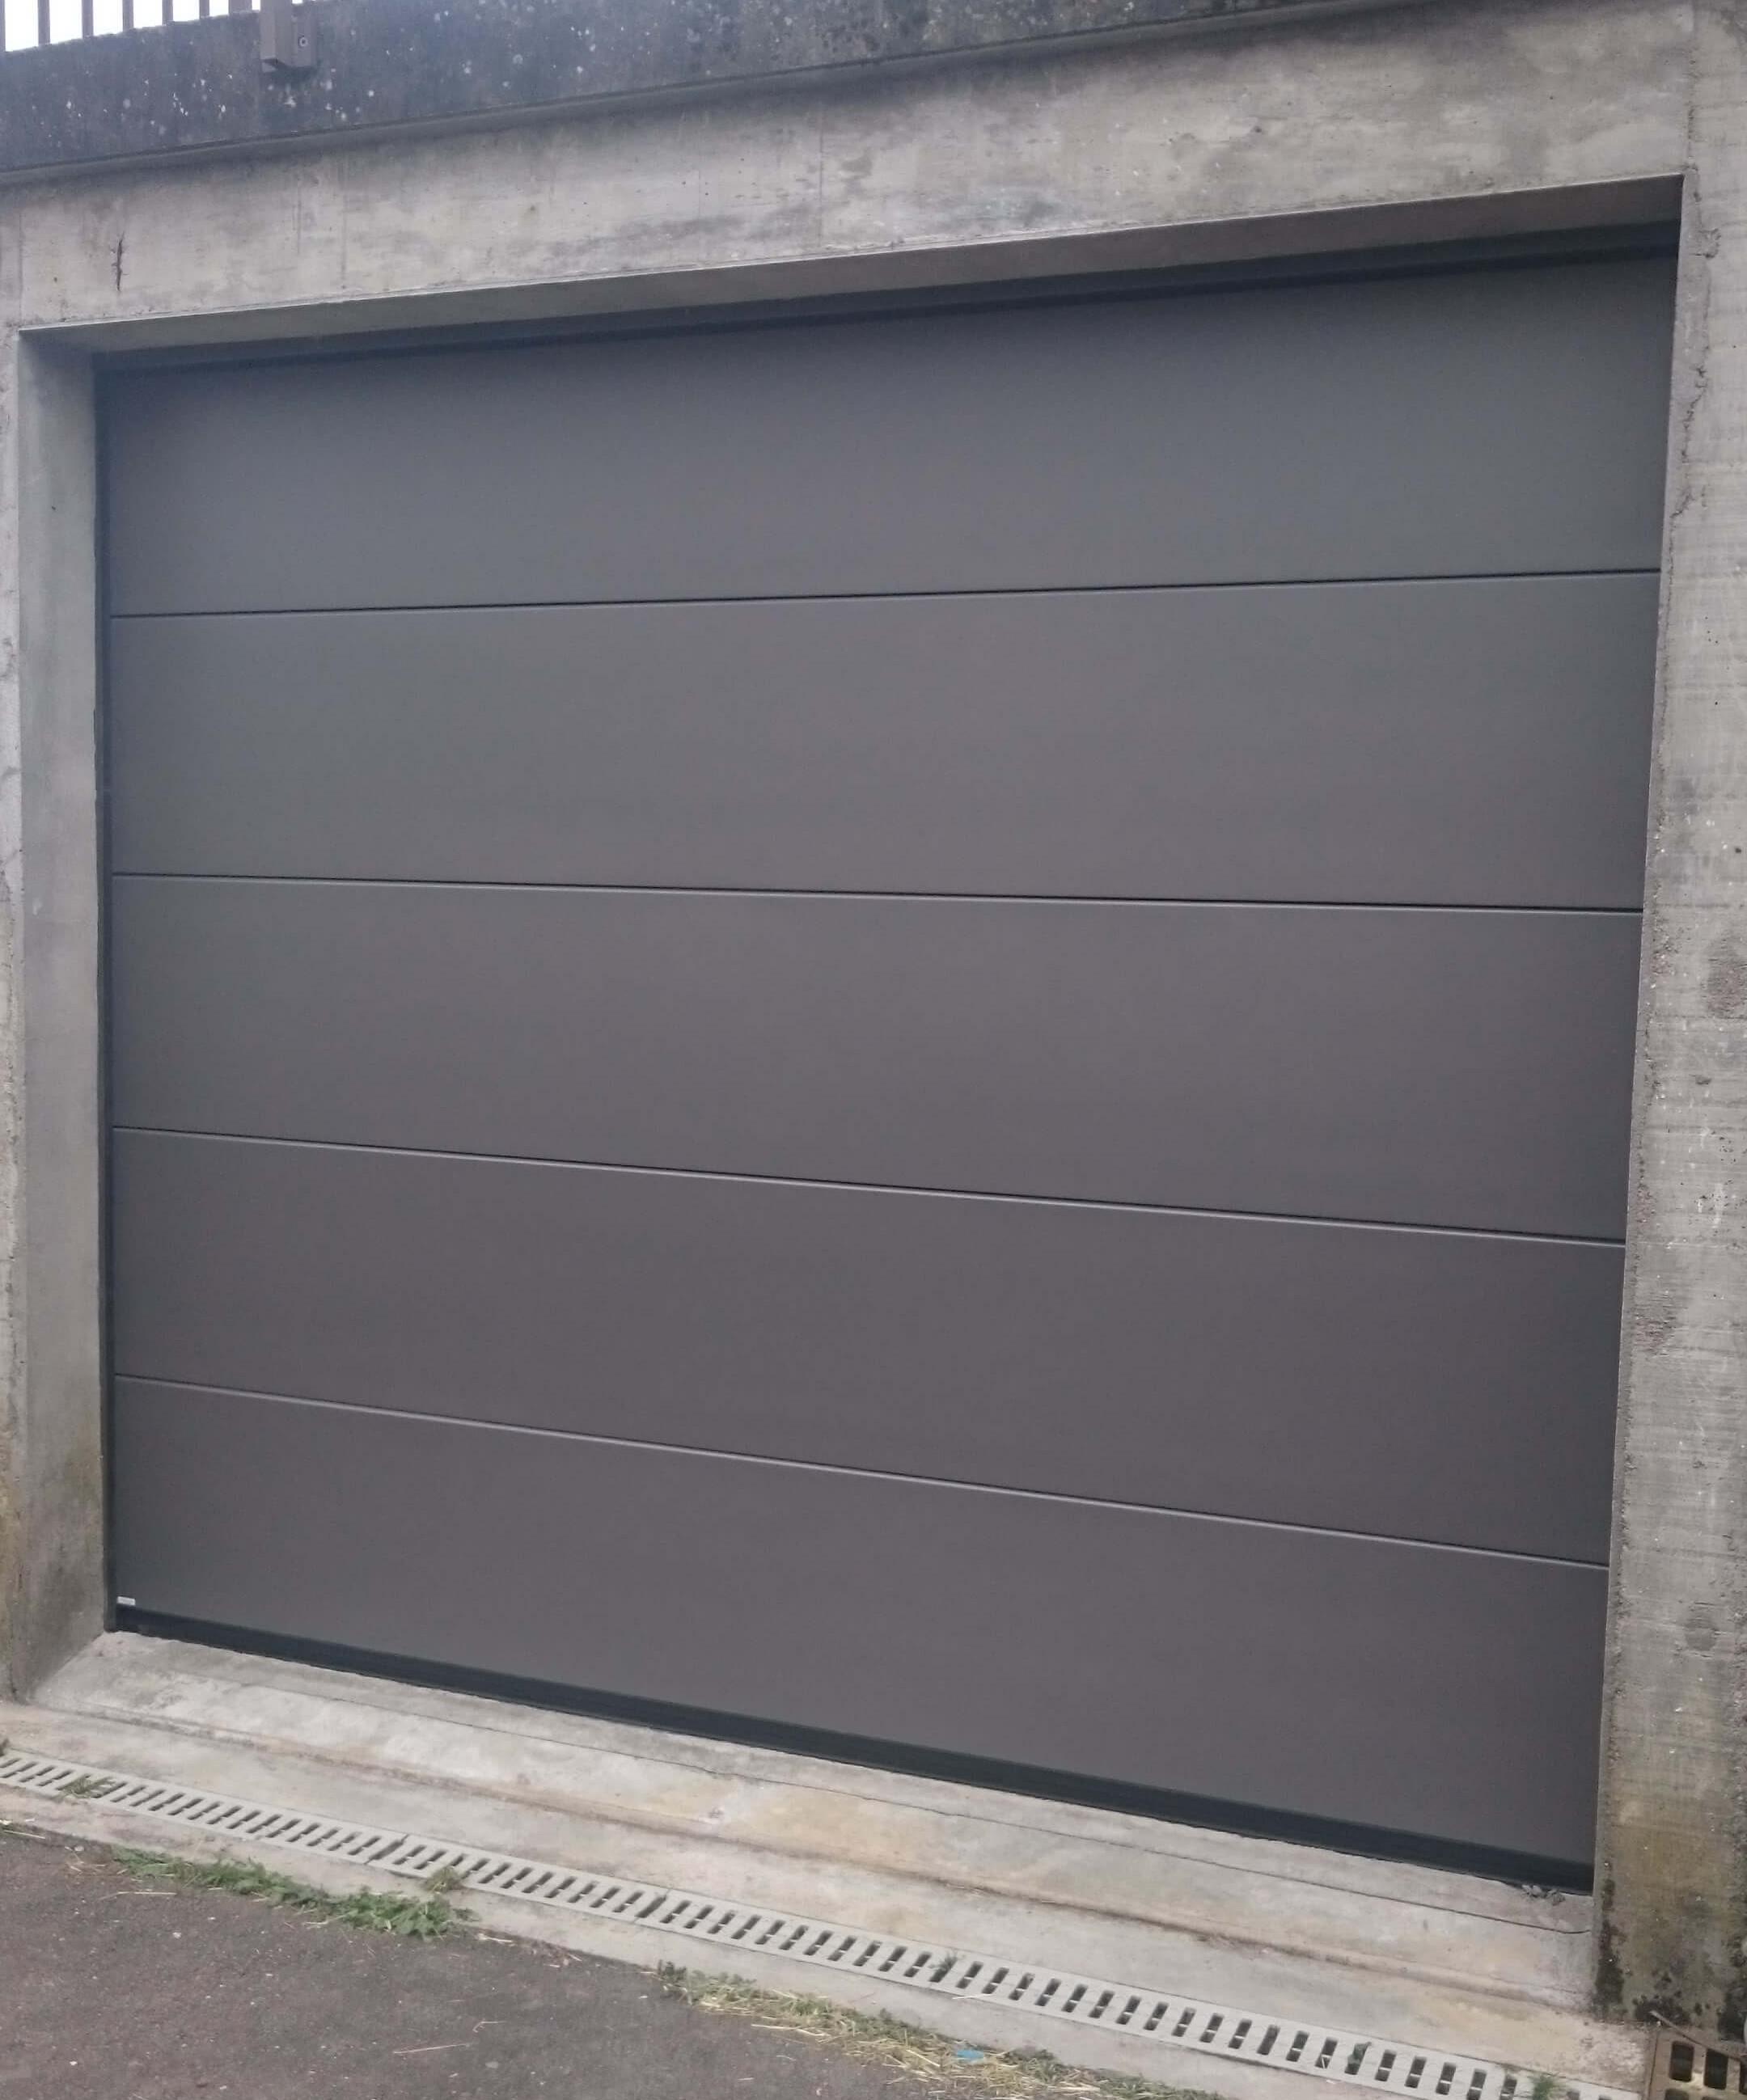 Menuiserie Figard - Fabrication sur mesure - Porte de garage sectionnelle - Aluminium - Vesoul